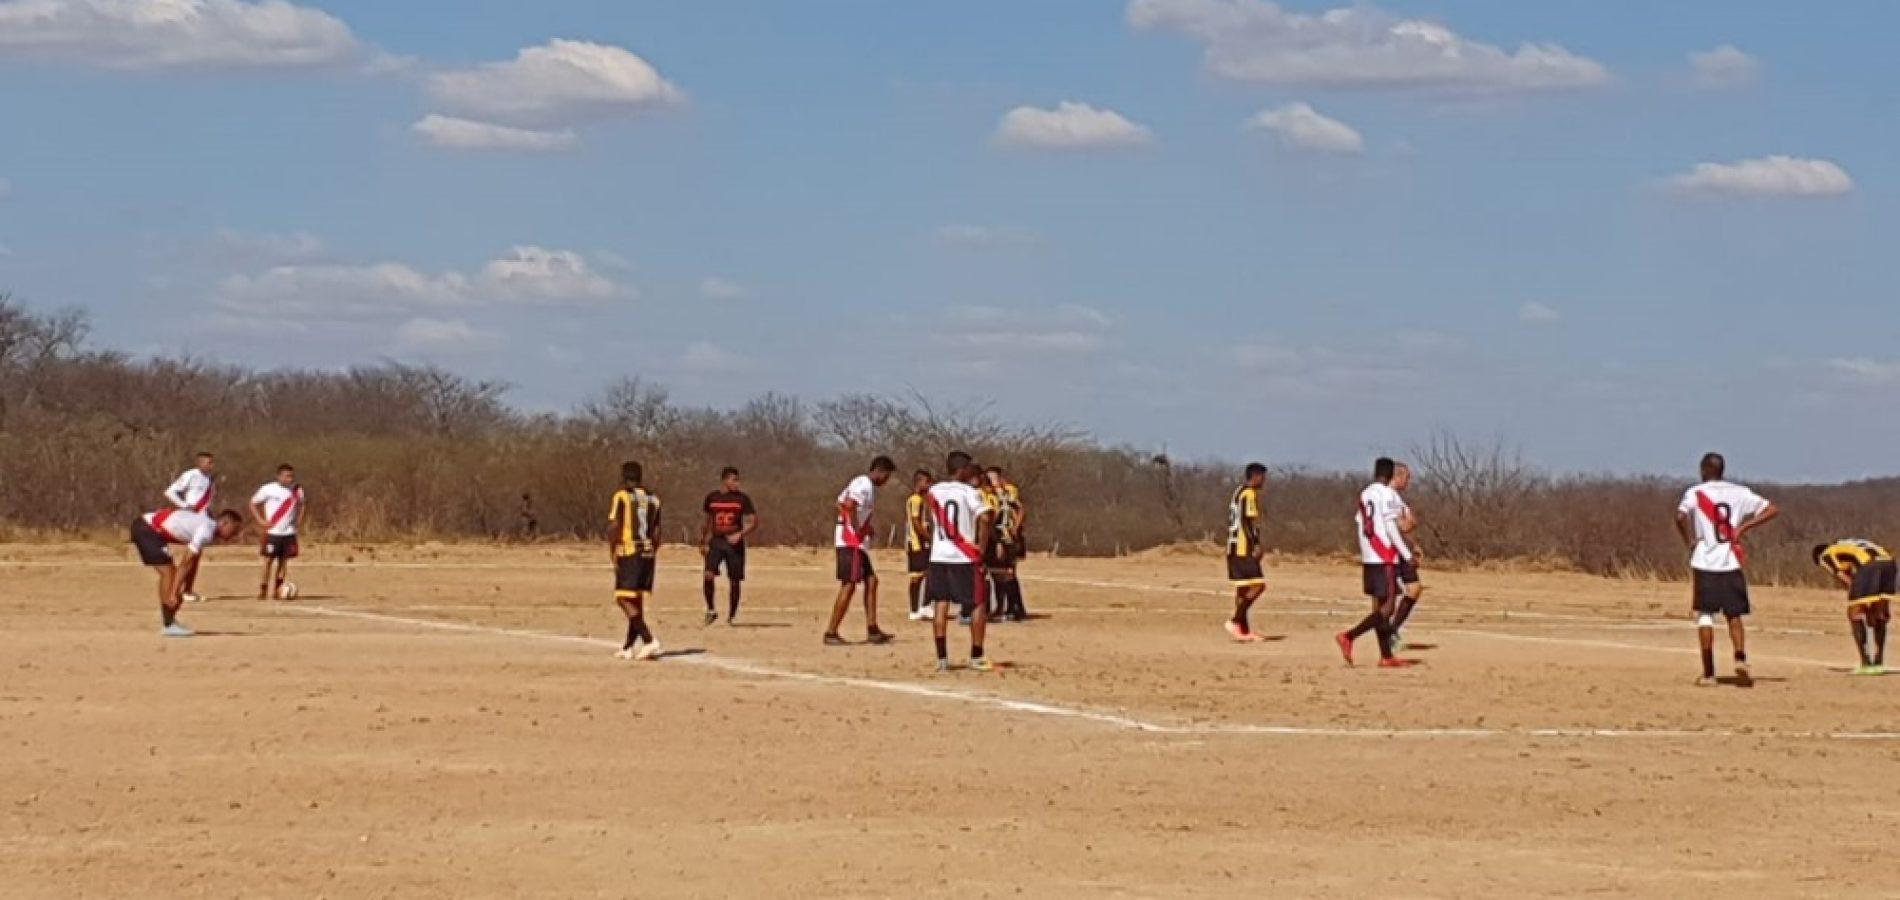 Quatro jogos movimentam a rodada no Campeonato Intermunicipal de Futebol em Francisco Macedo